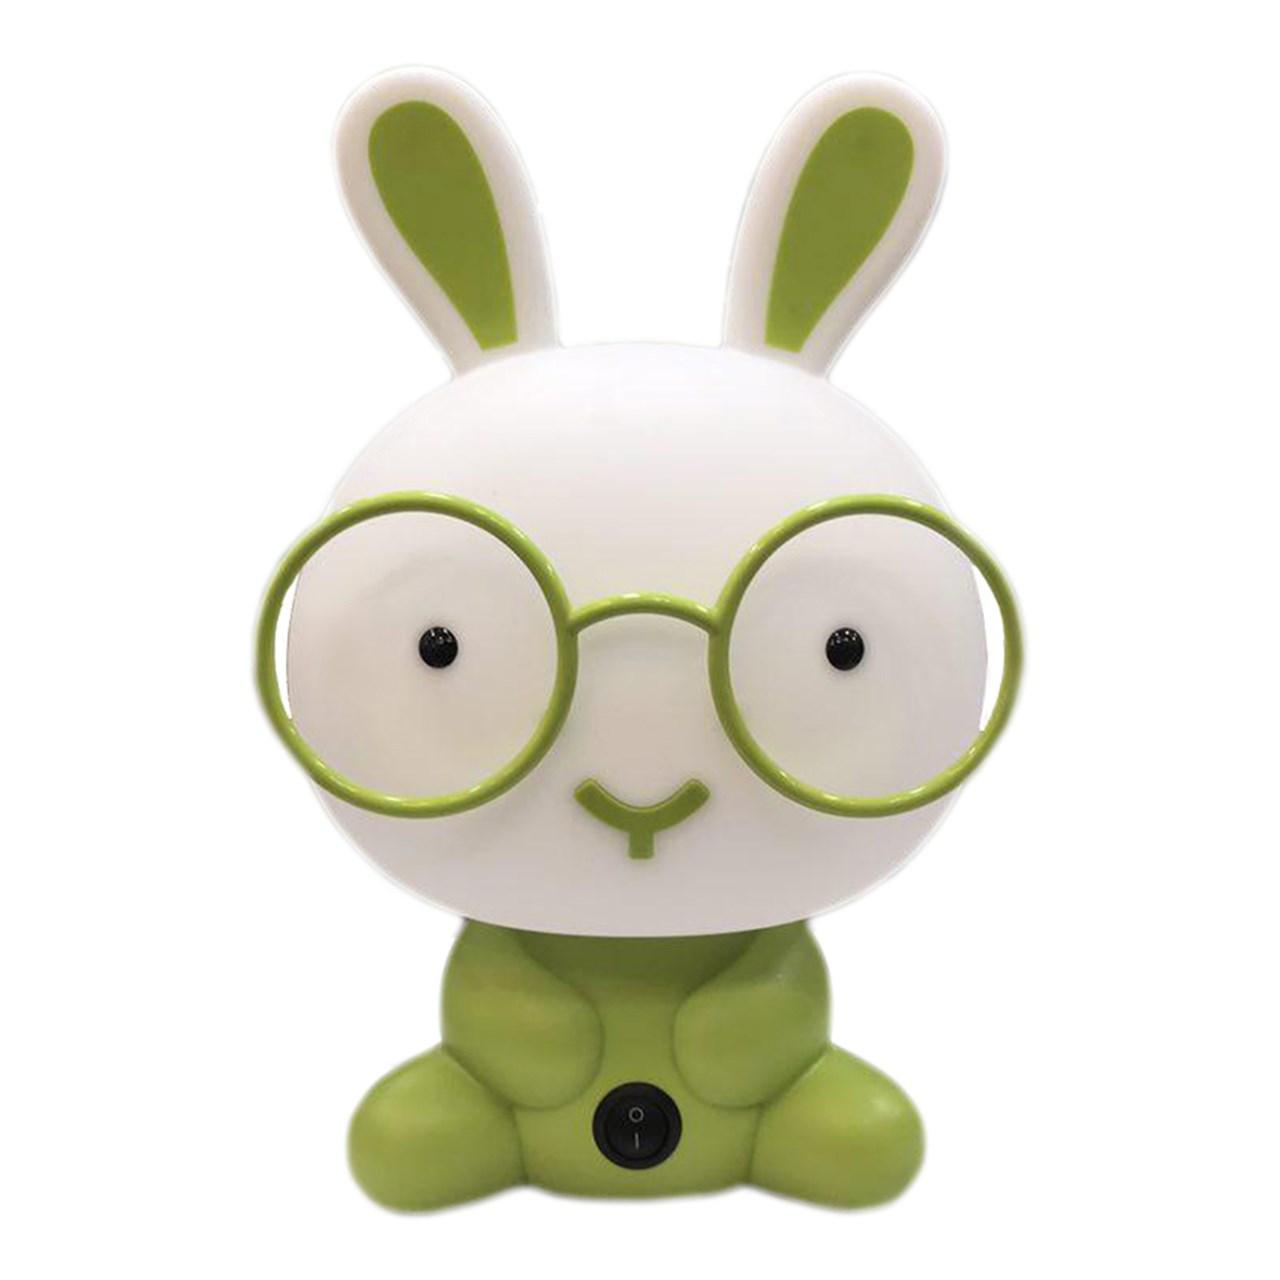 چراغ رومیزی ویتا لایتینگ مدل Green Rabbit